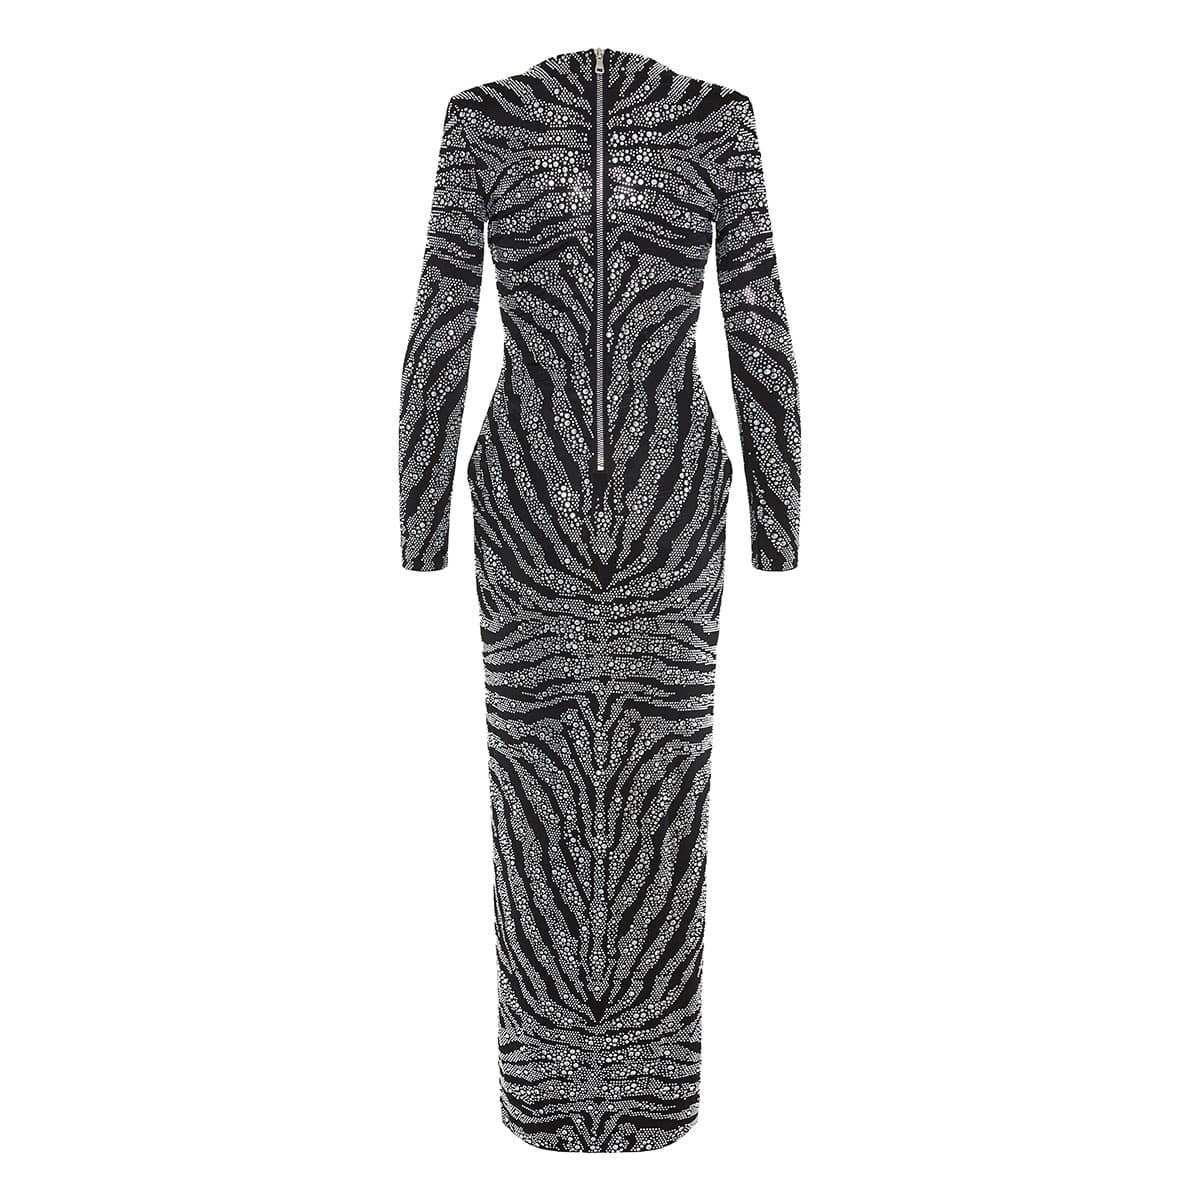 Crystal-embellished long dress